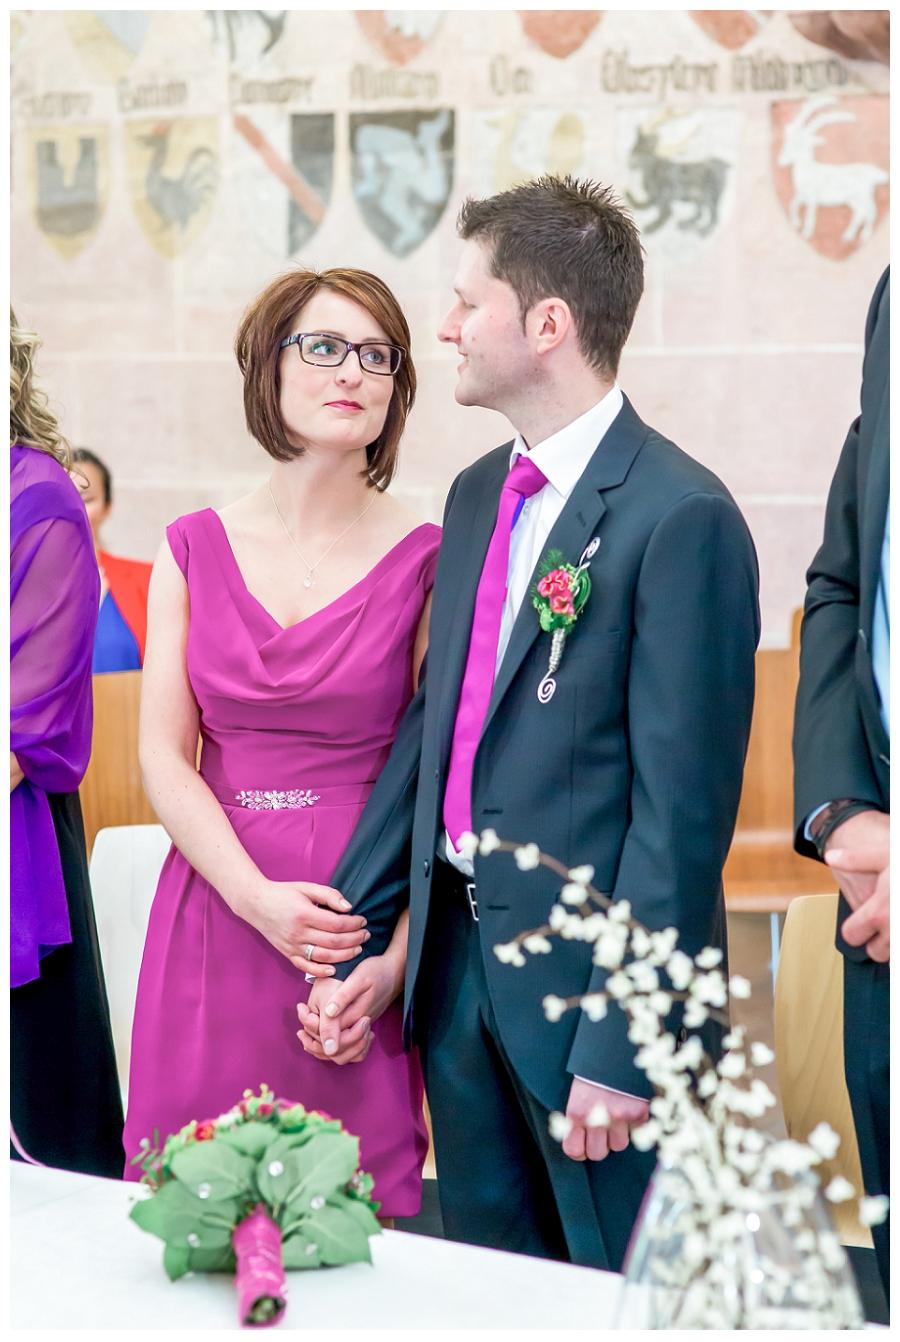 005_Hochzeit_Wenzelschloss_Lauf_ClaudiaPelny